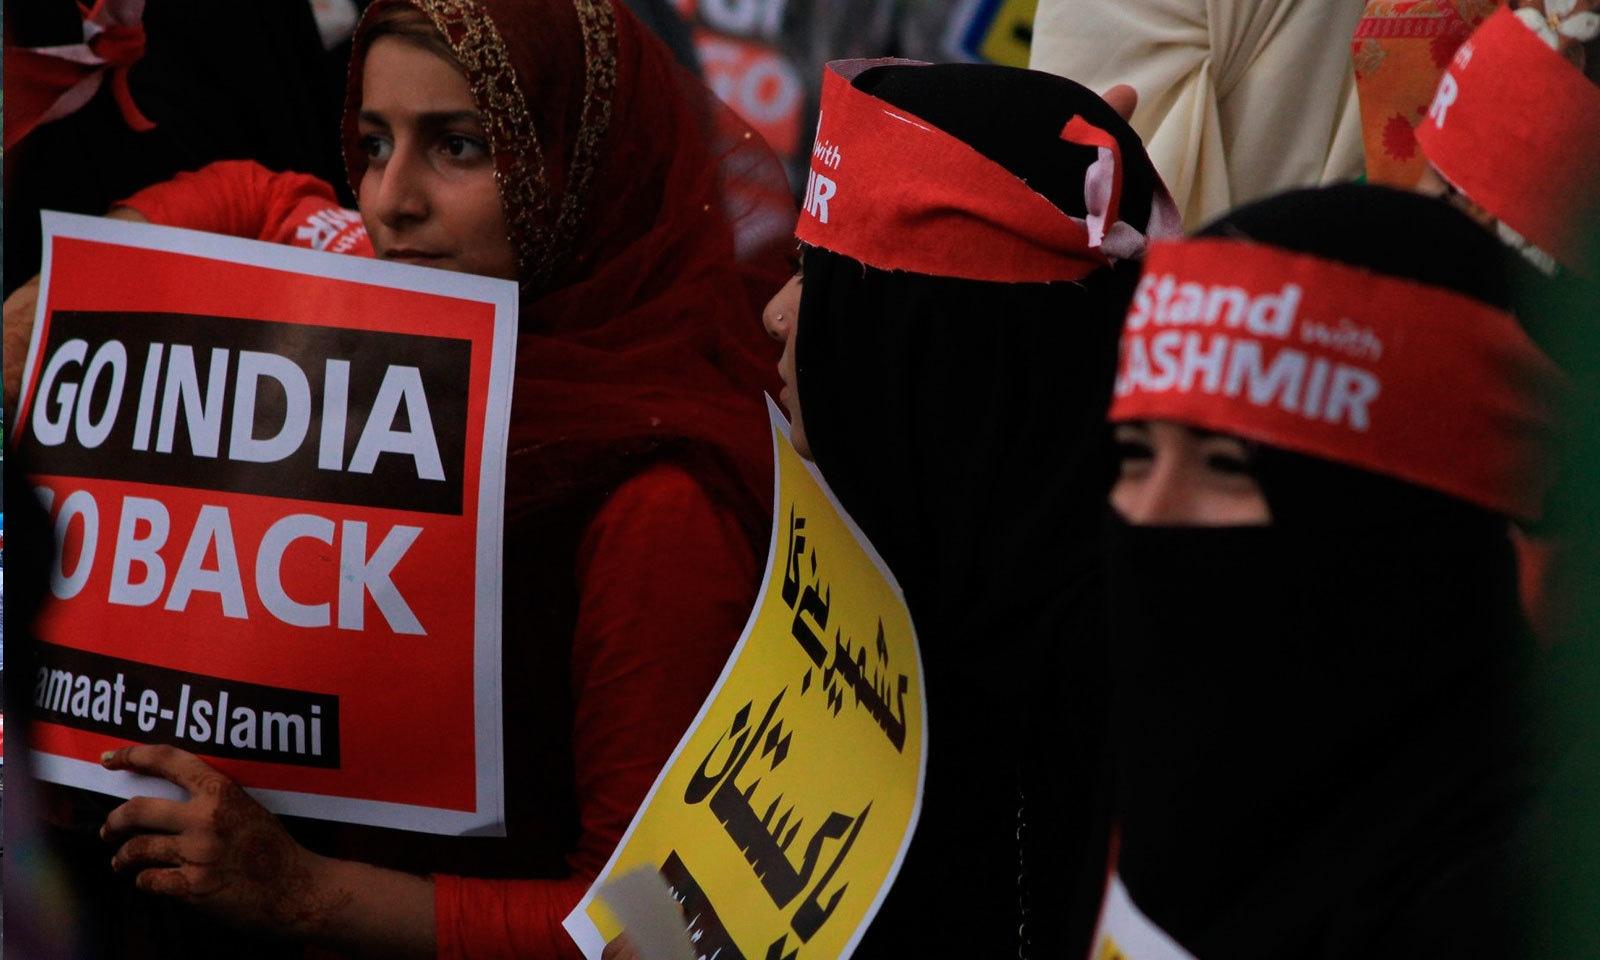 مارچ میں خواتین اور بچوں کی بڑی تعداد نے شرکت کی  — فوٹو: جماعت اسلامی فیس بک آفیشل